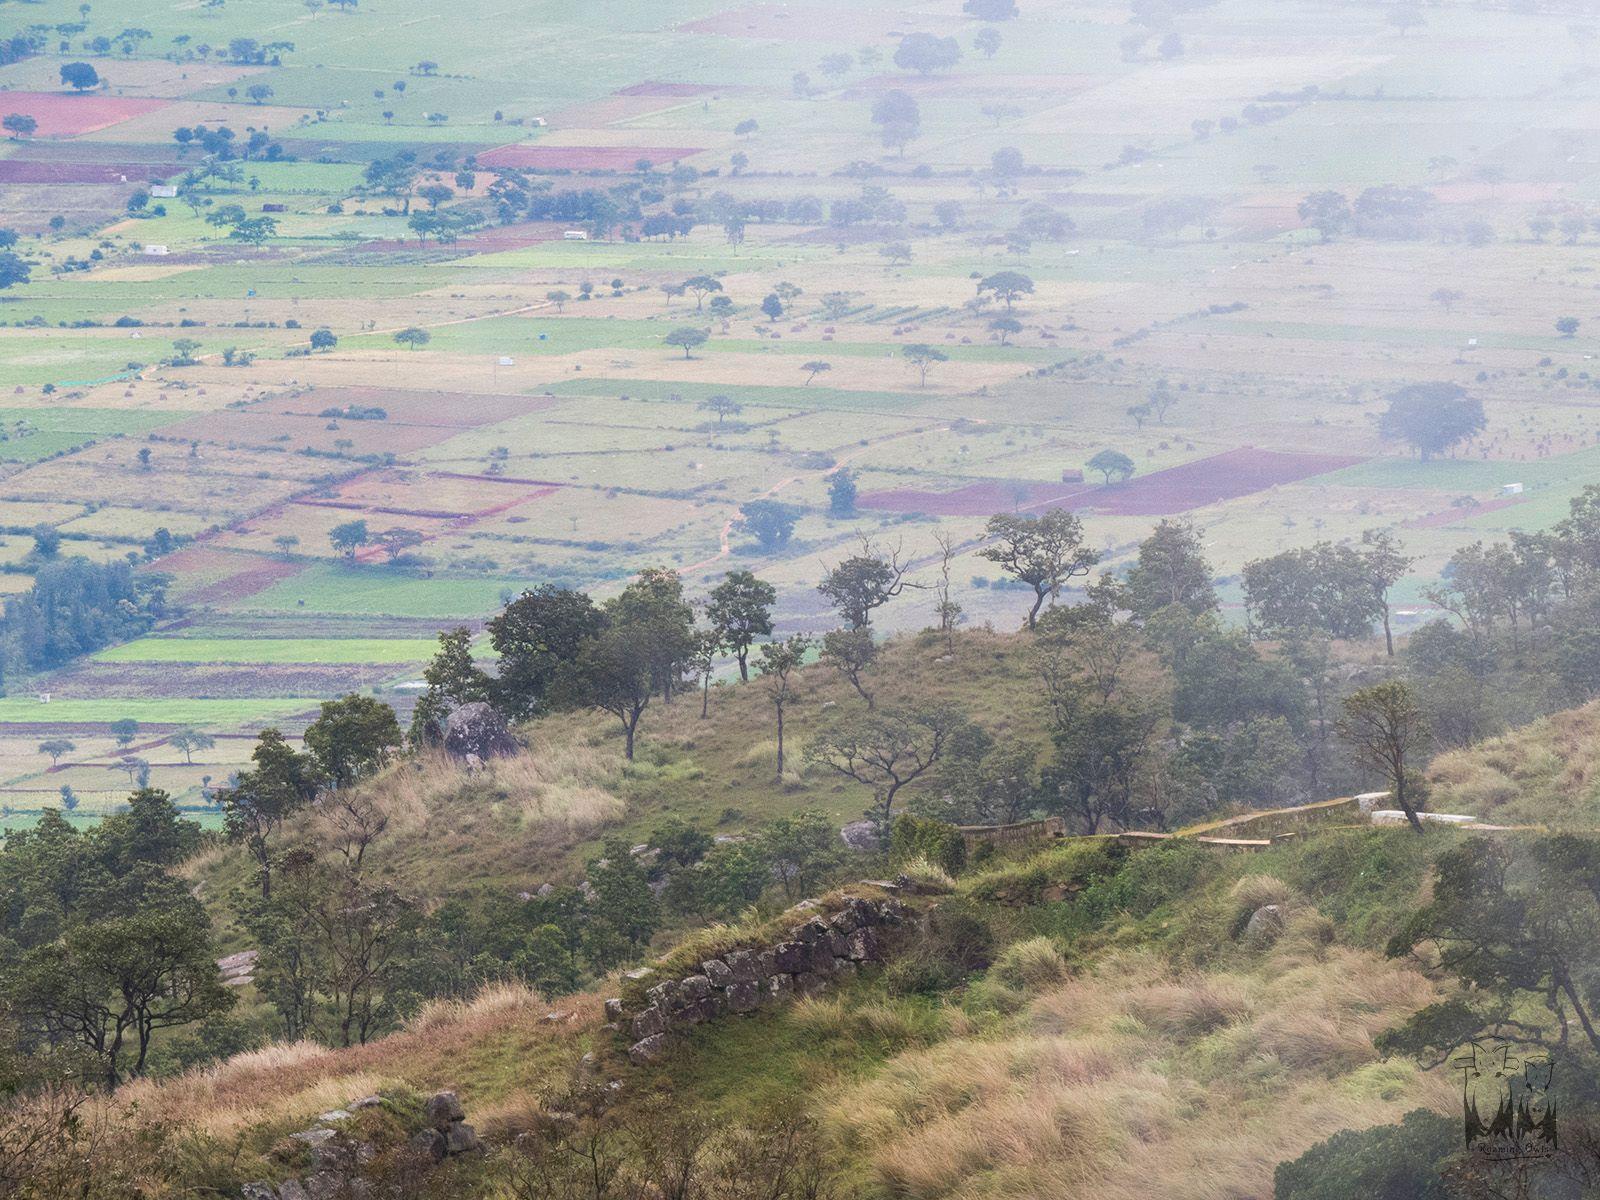 Gopalswamy betta viewpoint,bangalore mangalore mysore karnataka tourist spot